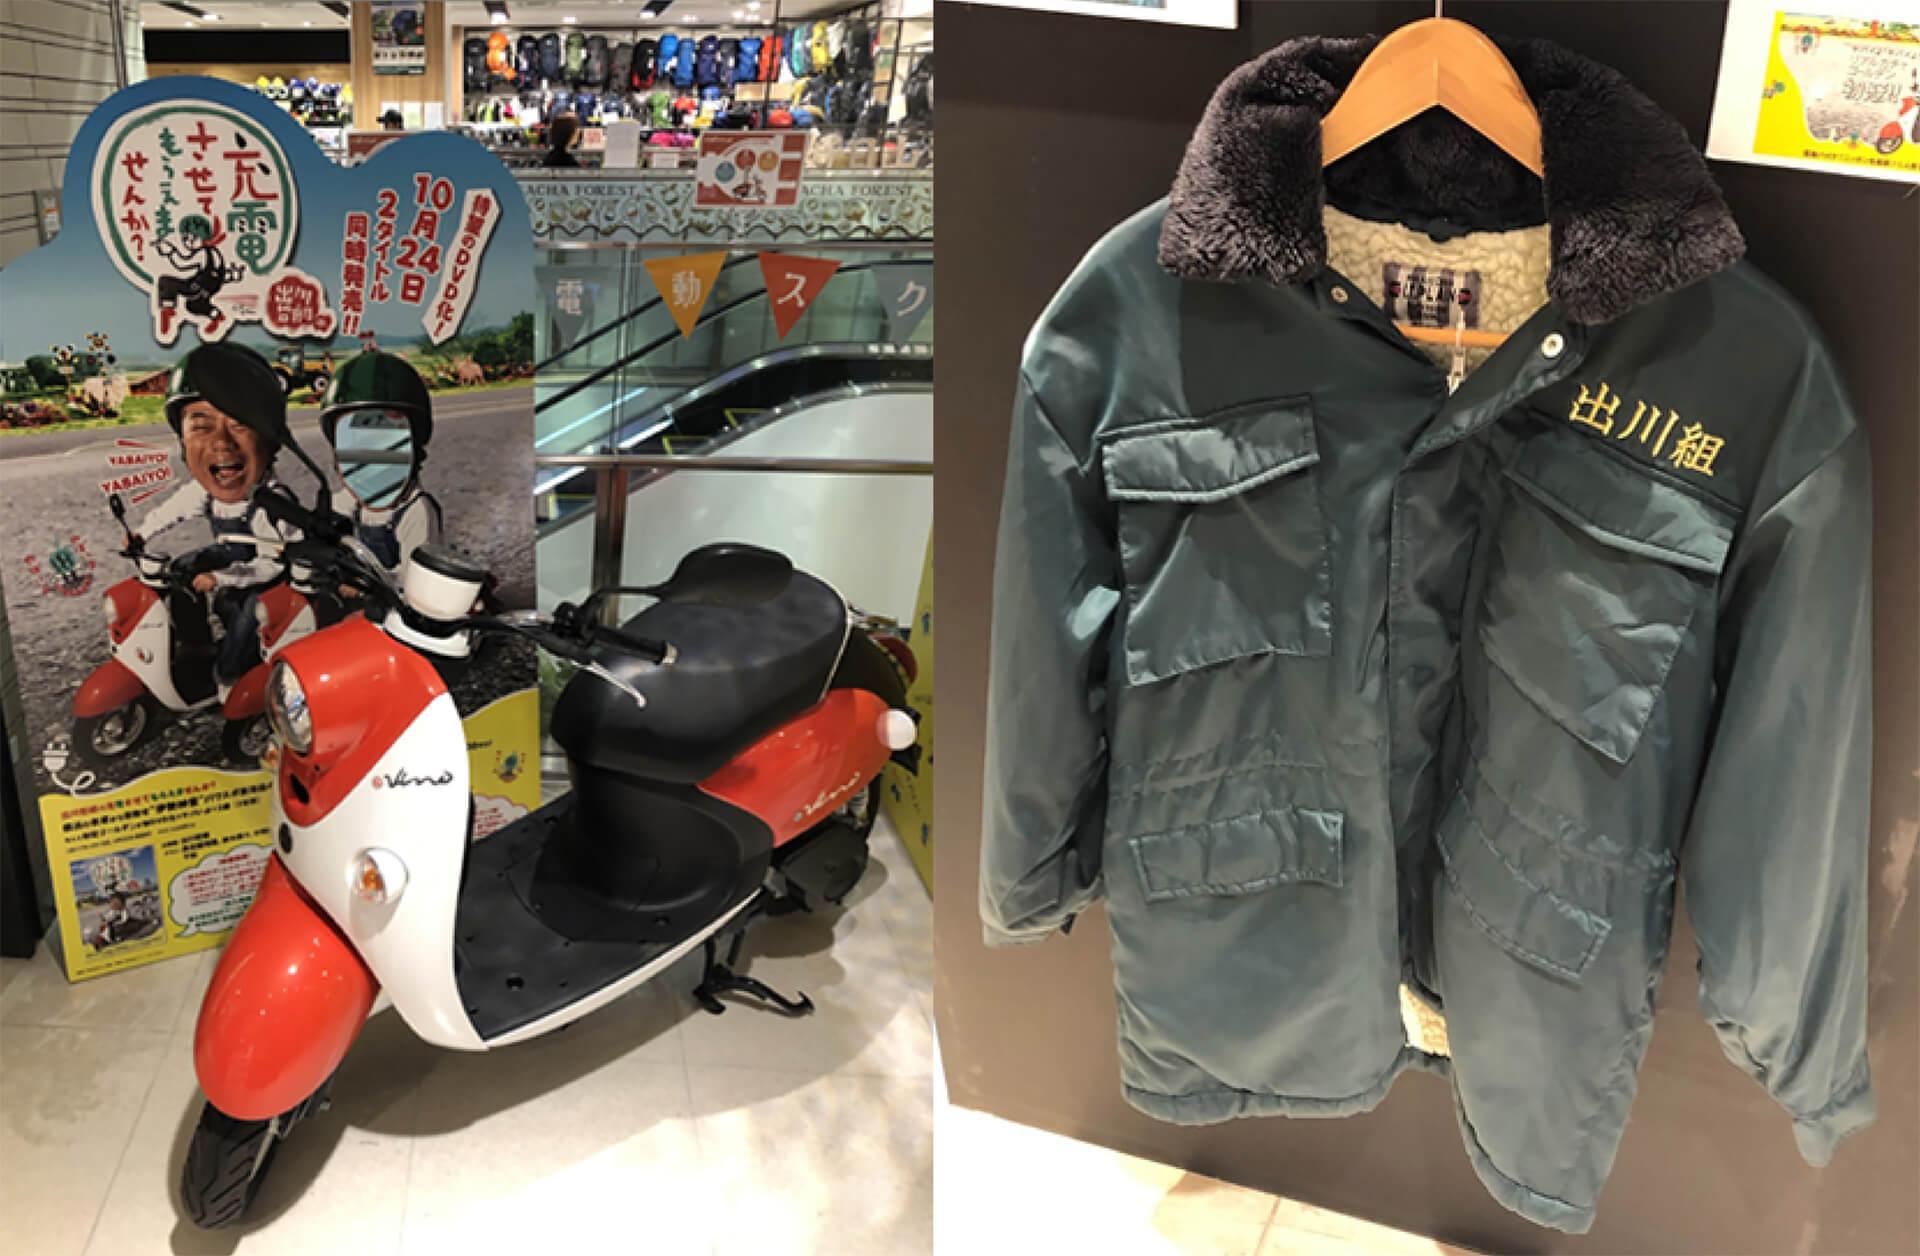 この写真は出川哲朗の充電させてもらえませんか?のリアルショップで展示するバイクや番組衣装です